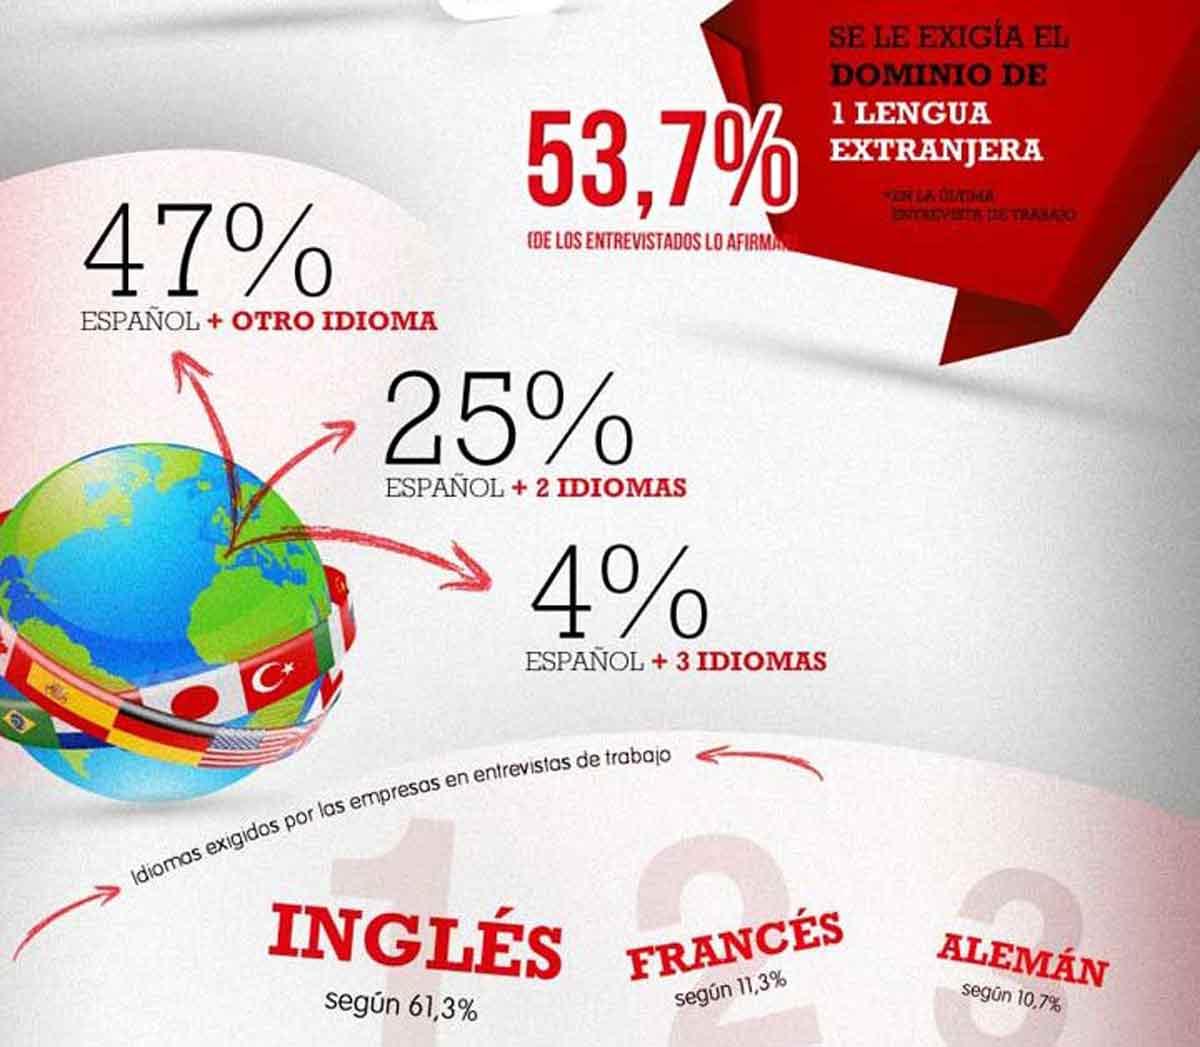 Los idiomas que se exigen en las entrevistas.